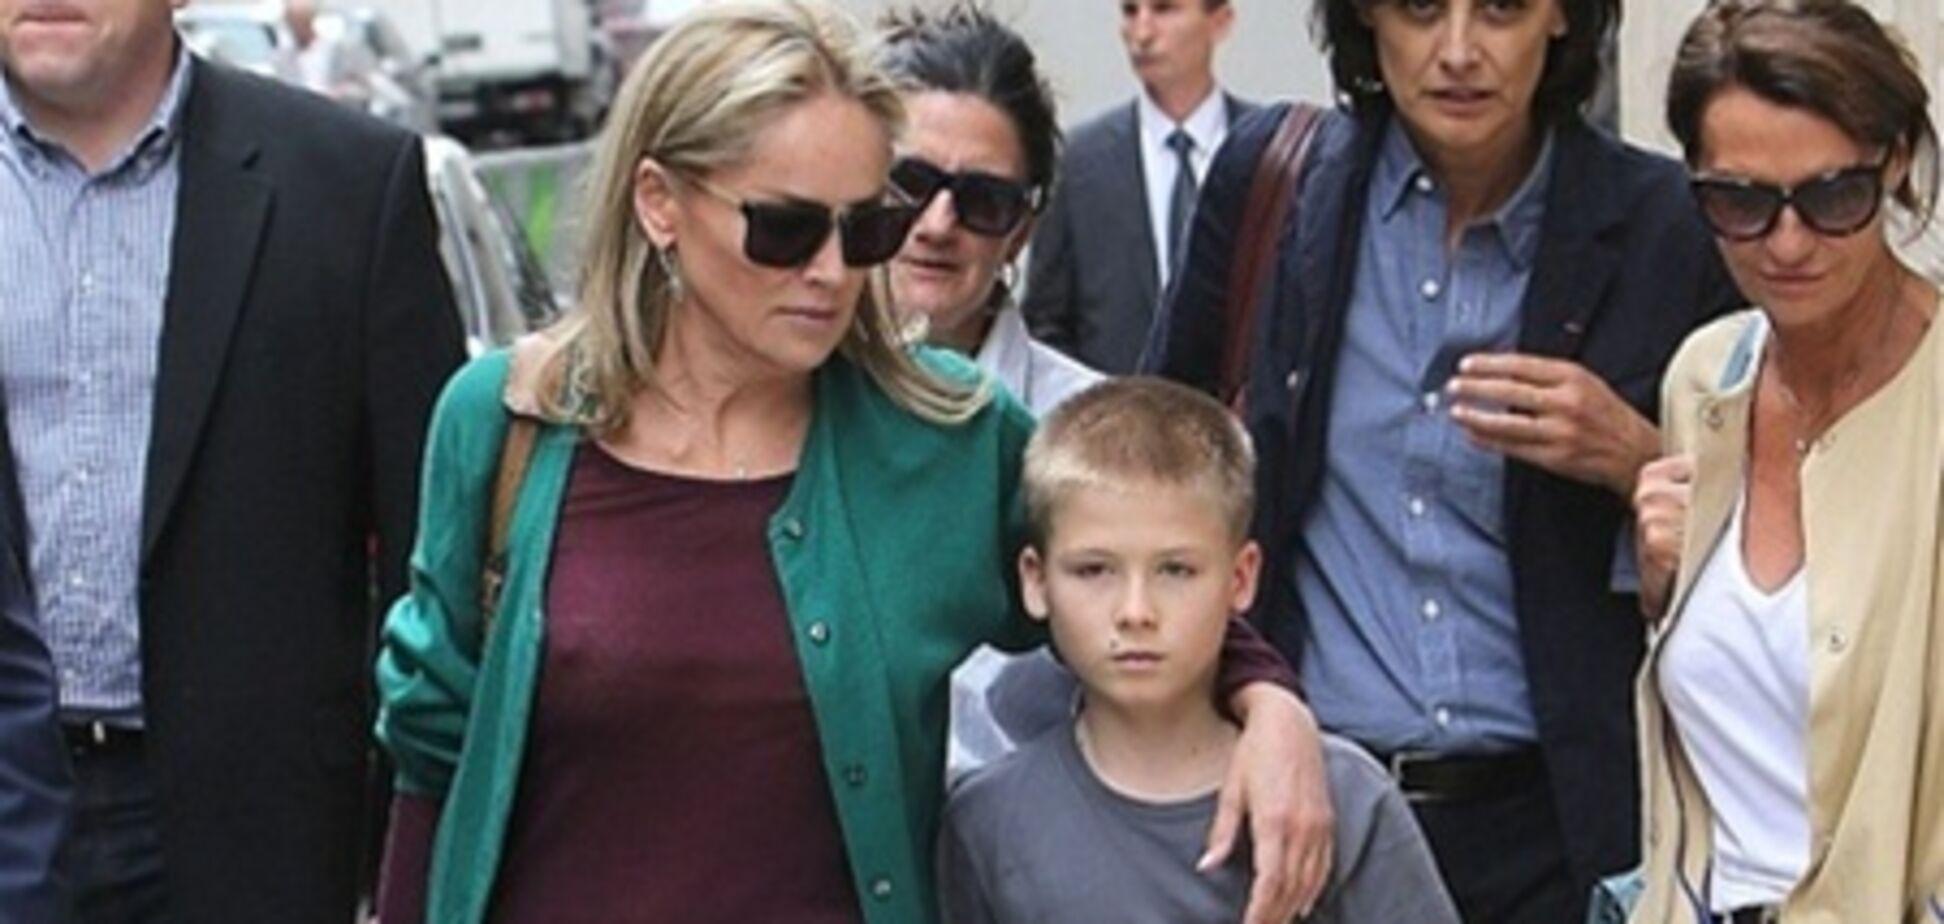 Шэрон Стоун забыла лифчик, зато прихватила сына